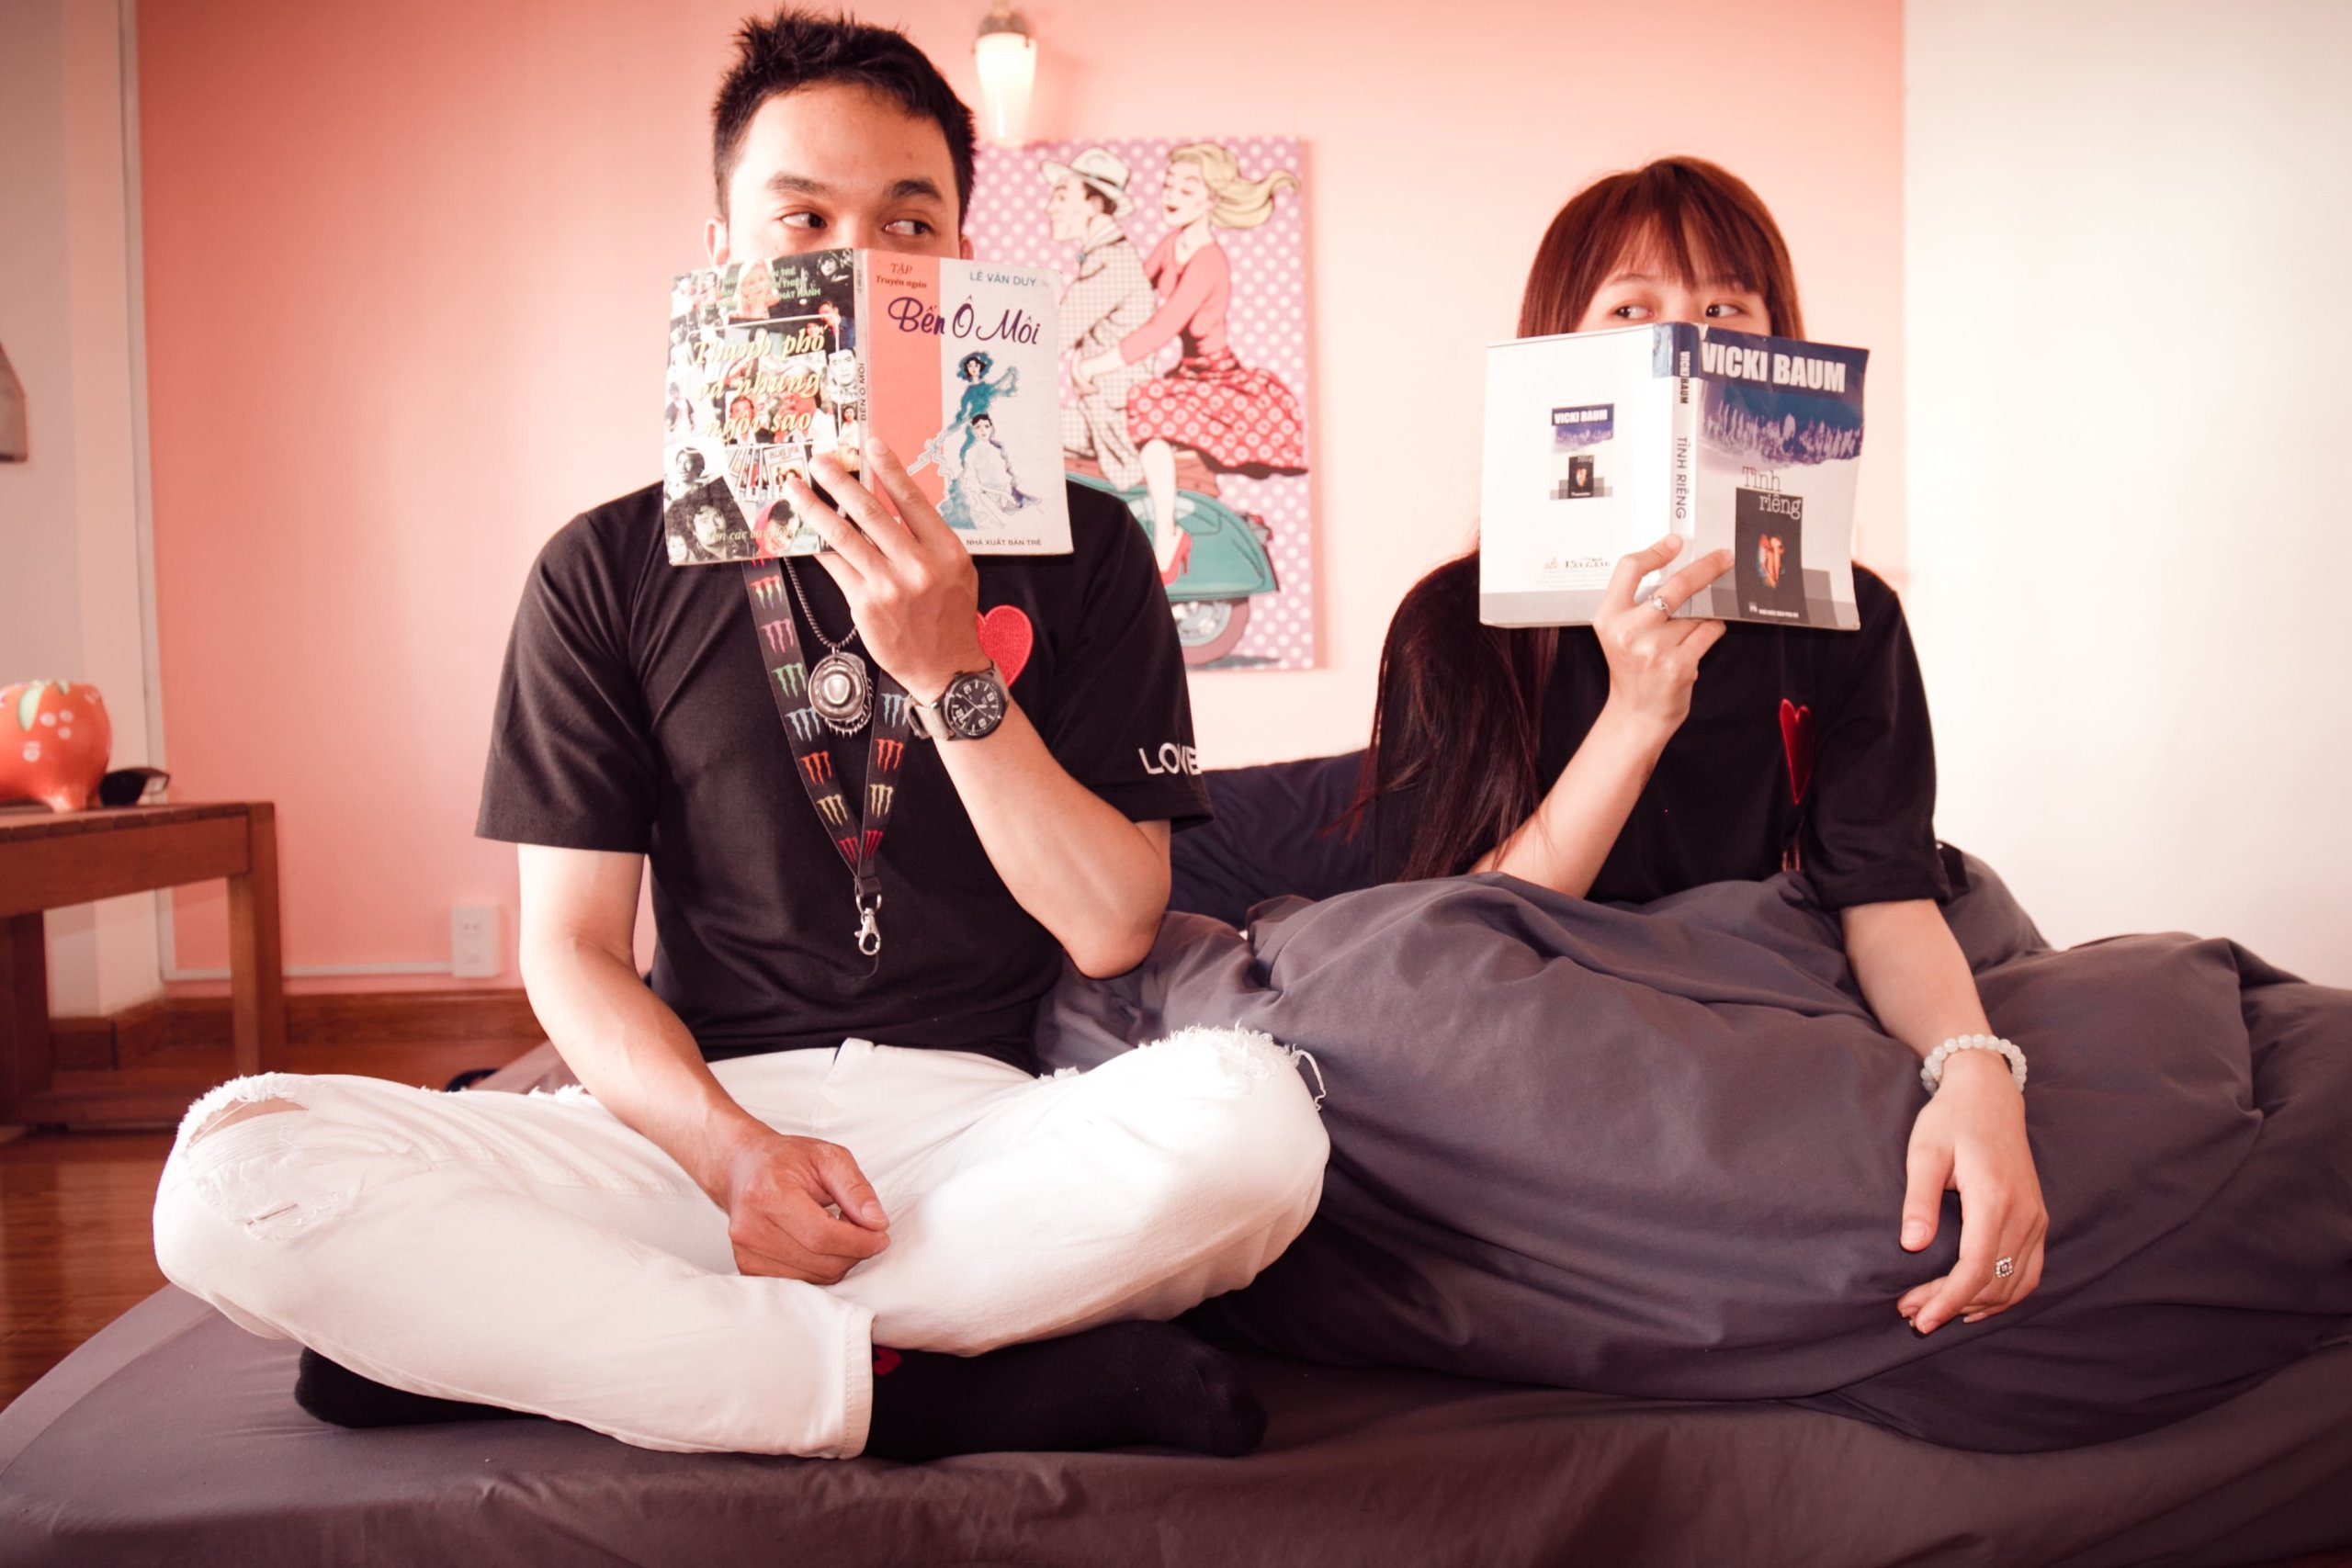 互いに本を読むカップル